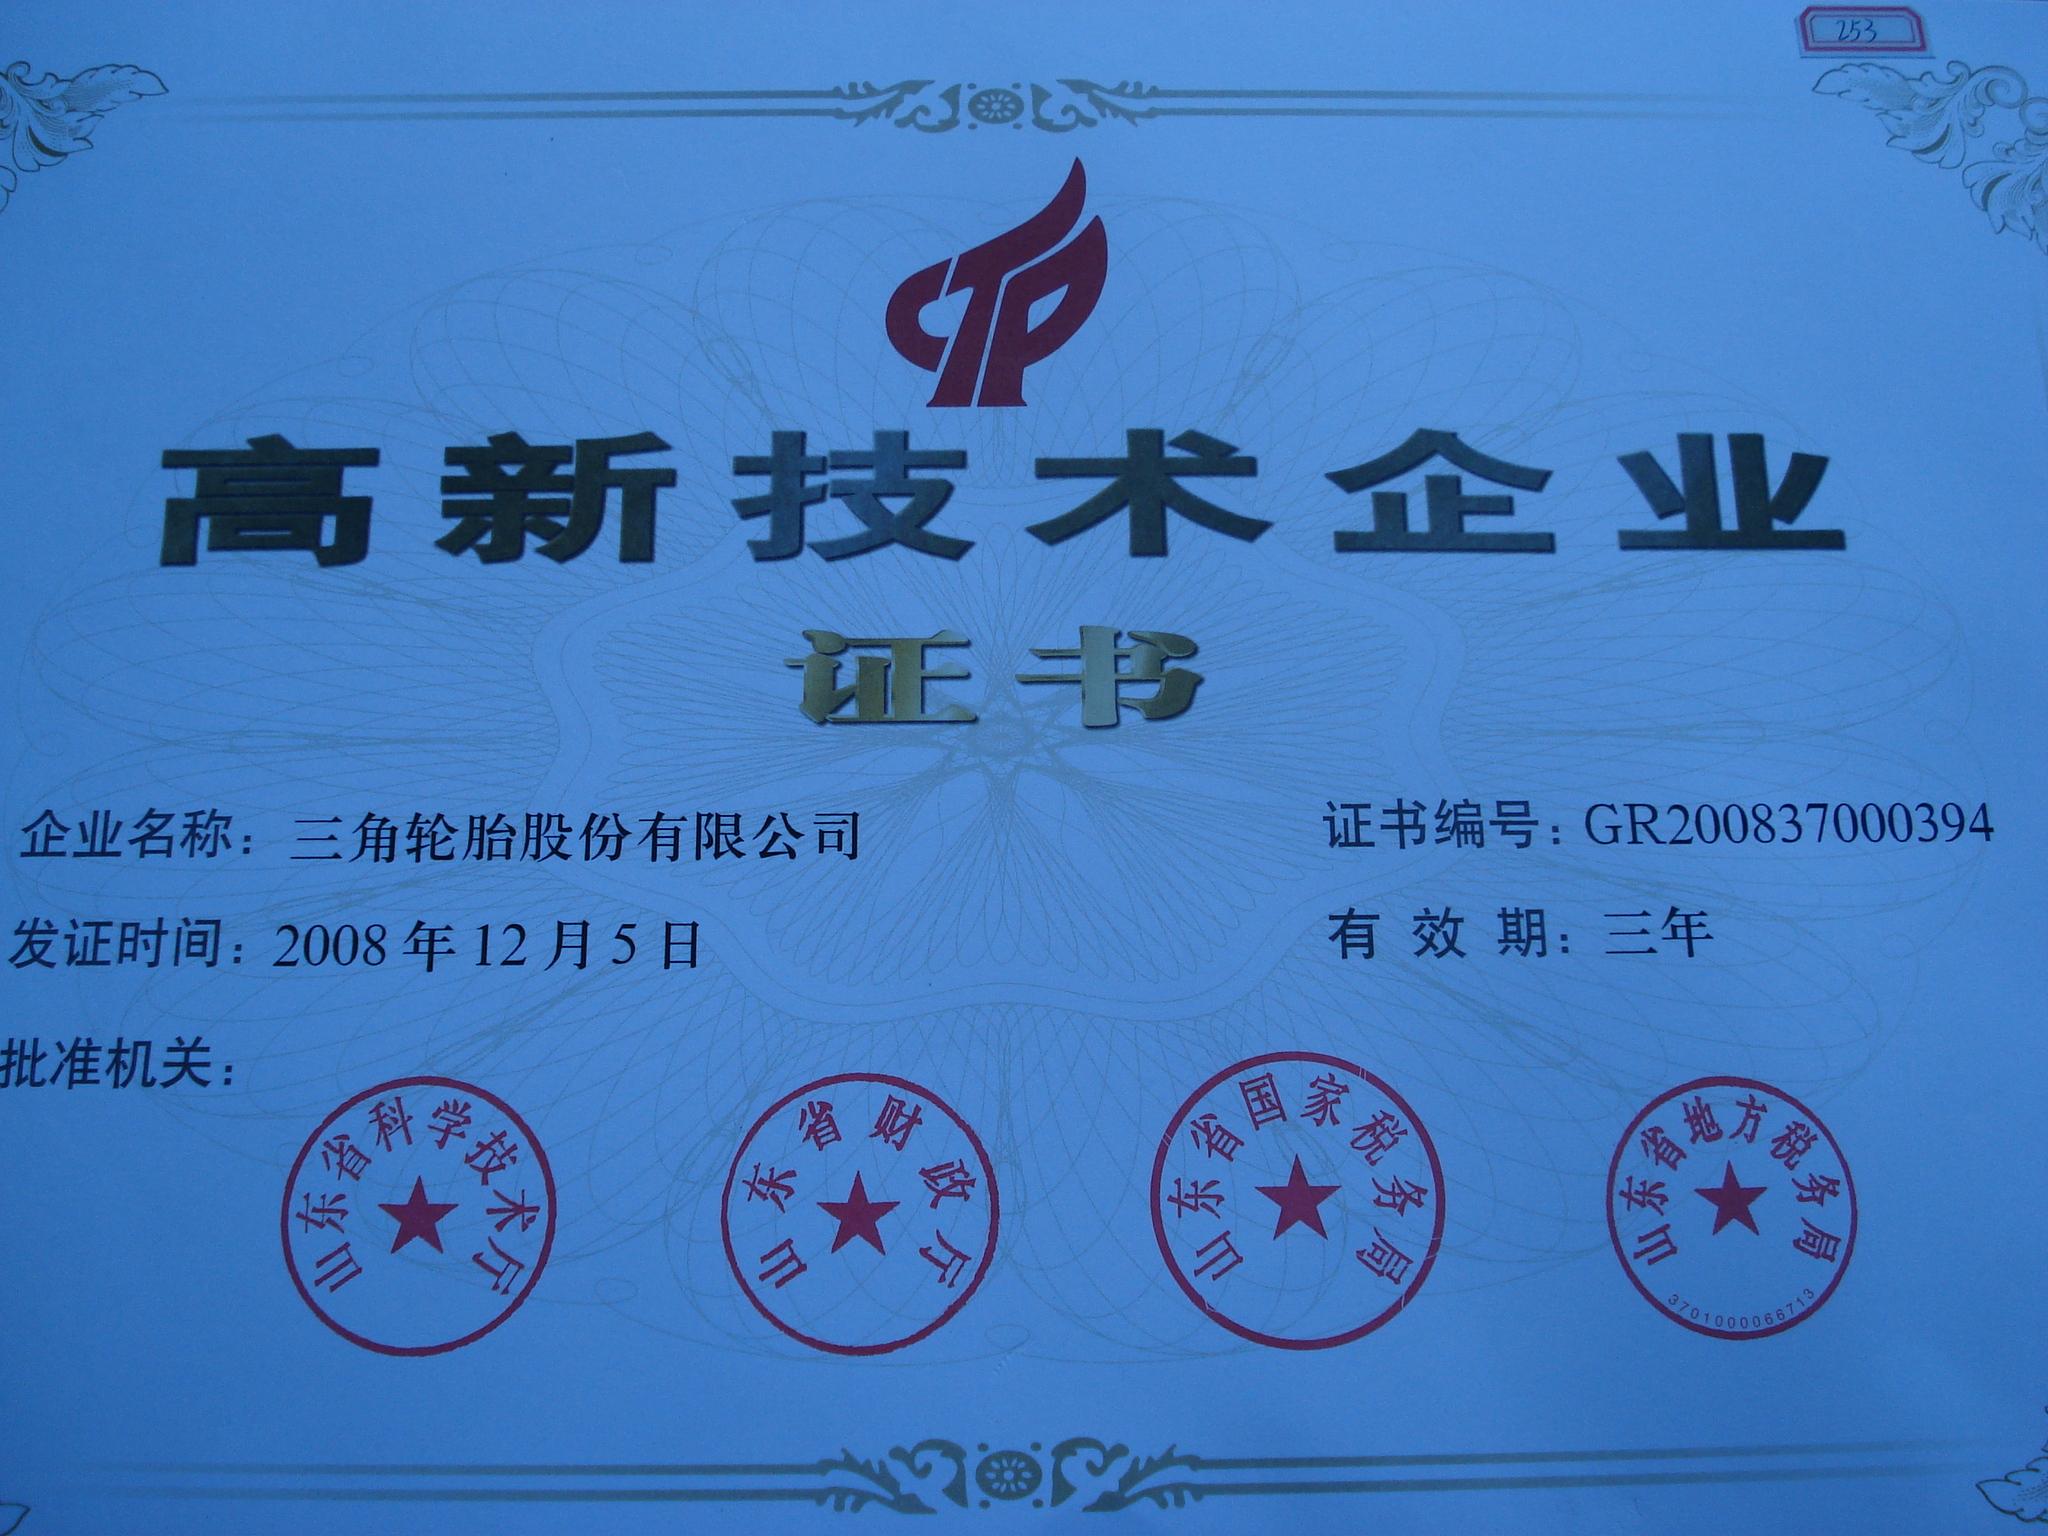 荣获国家高新技术企业证书.jpg